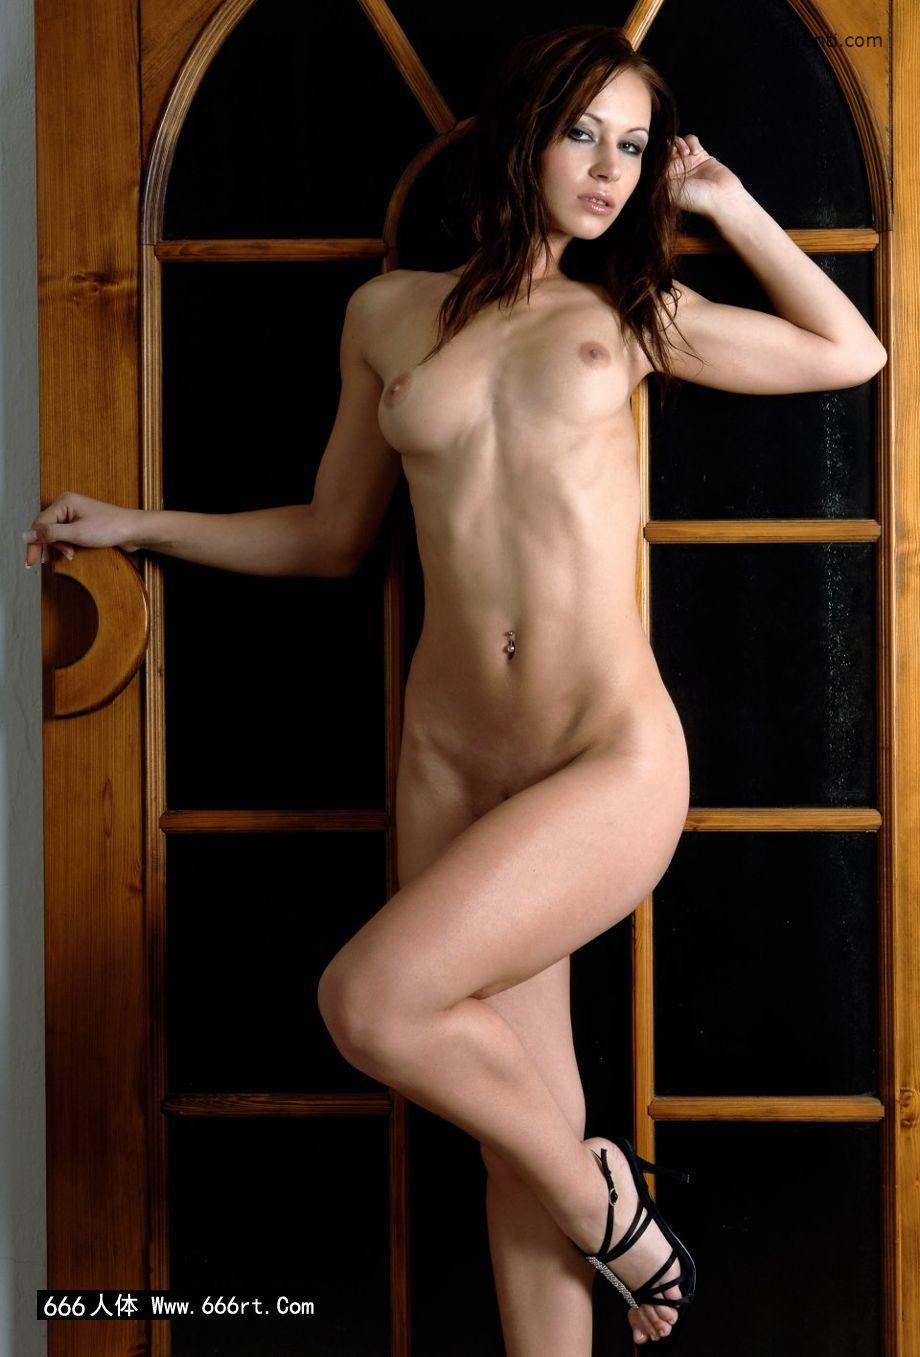 棚拍木门下身材超好的裸模Gladys